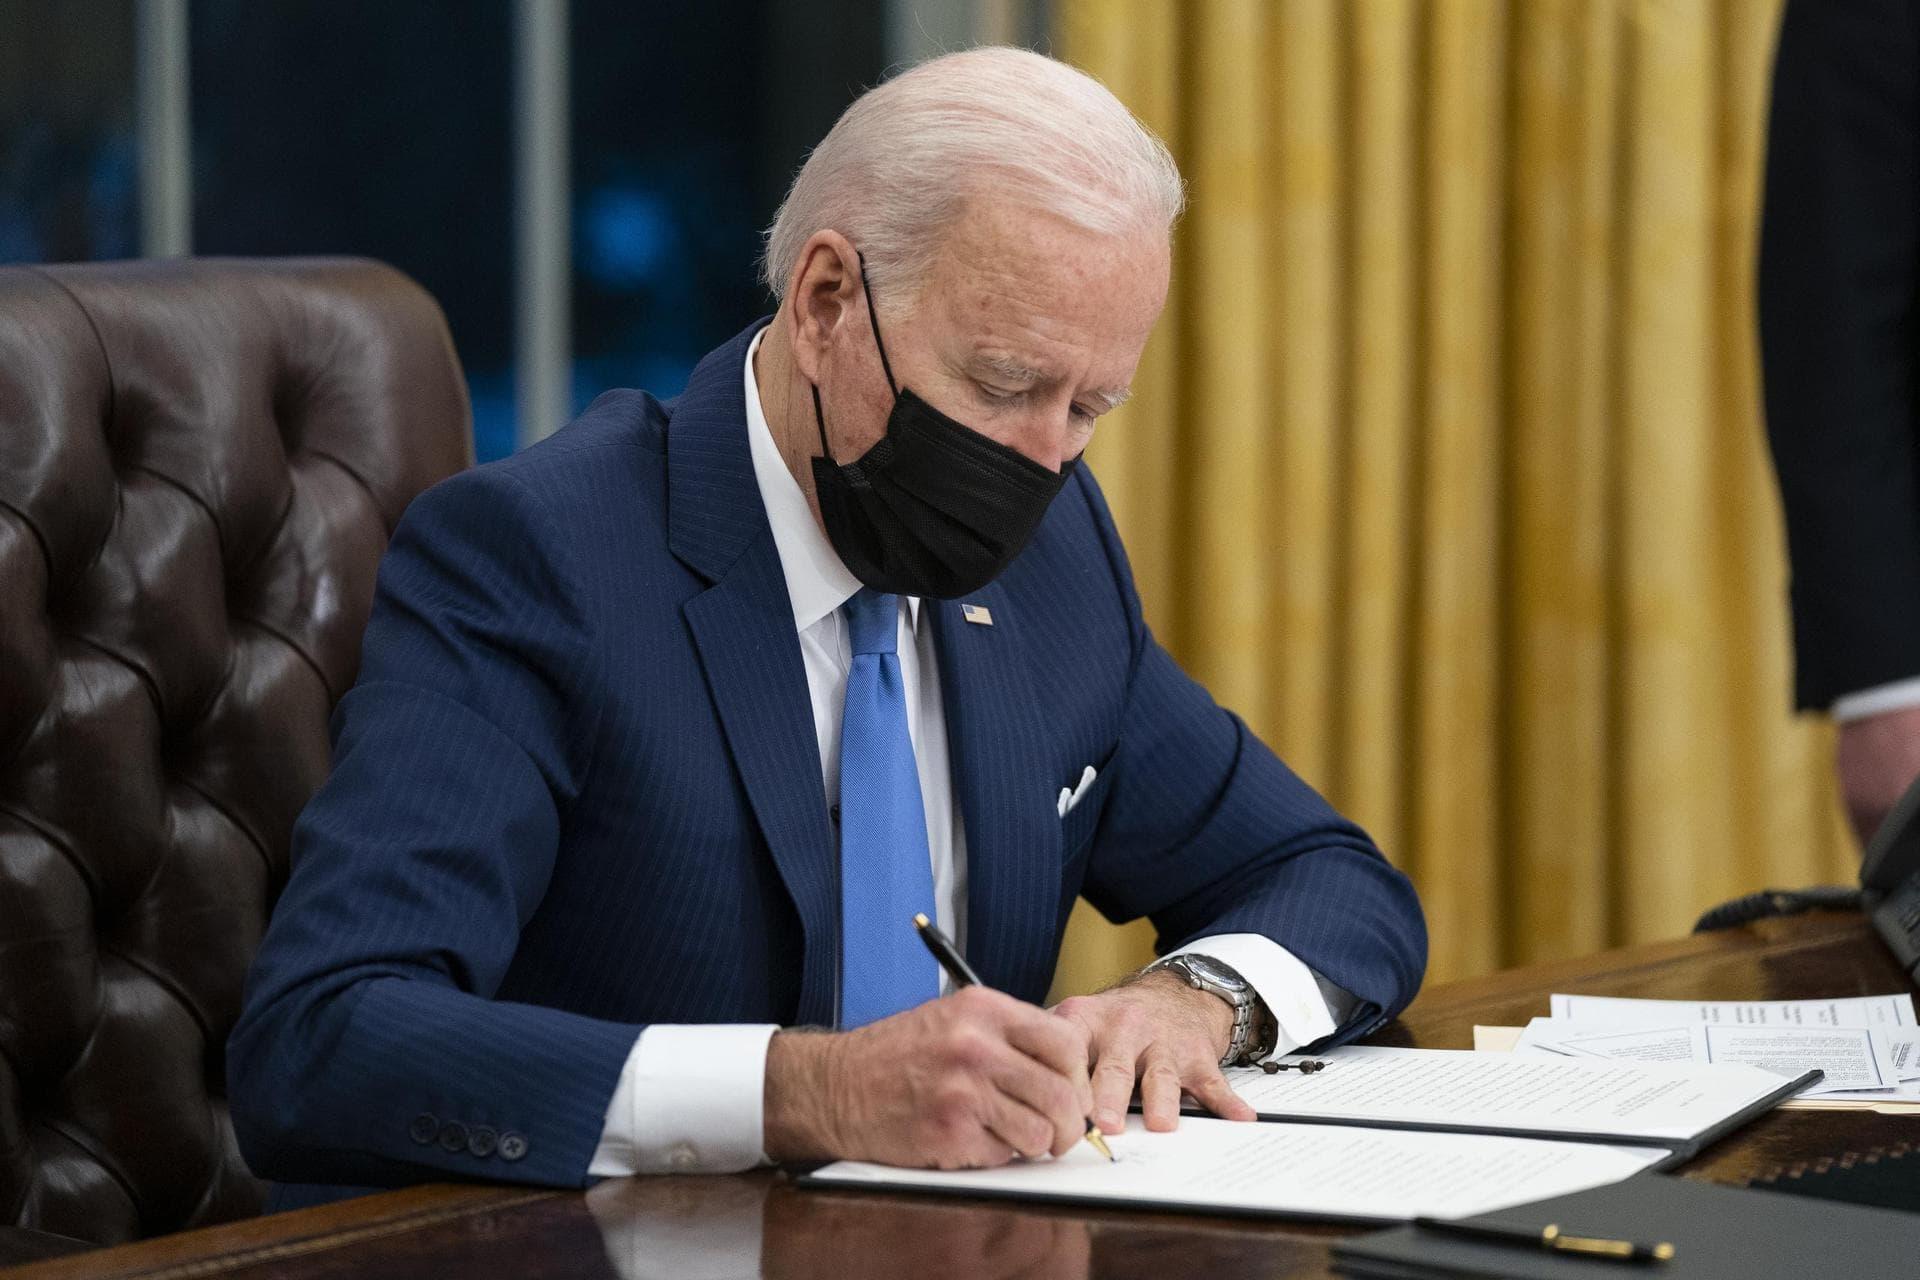 Biden revidiert Trumps Migrationspolitik «Moralische Schande»